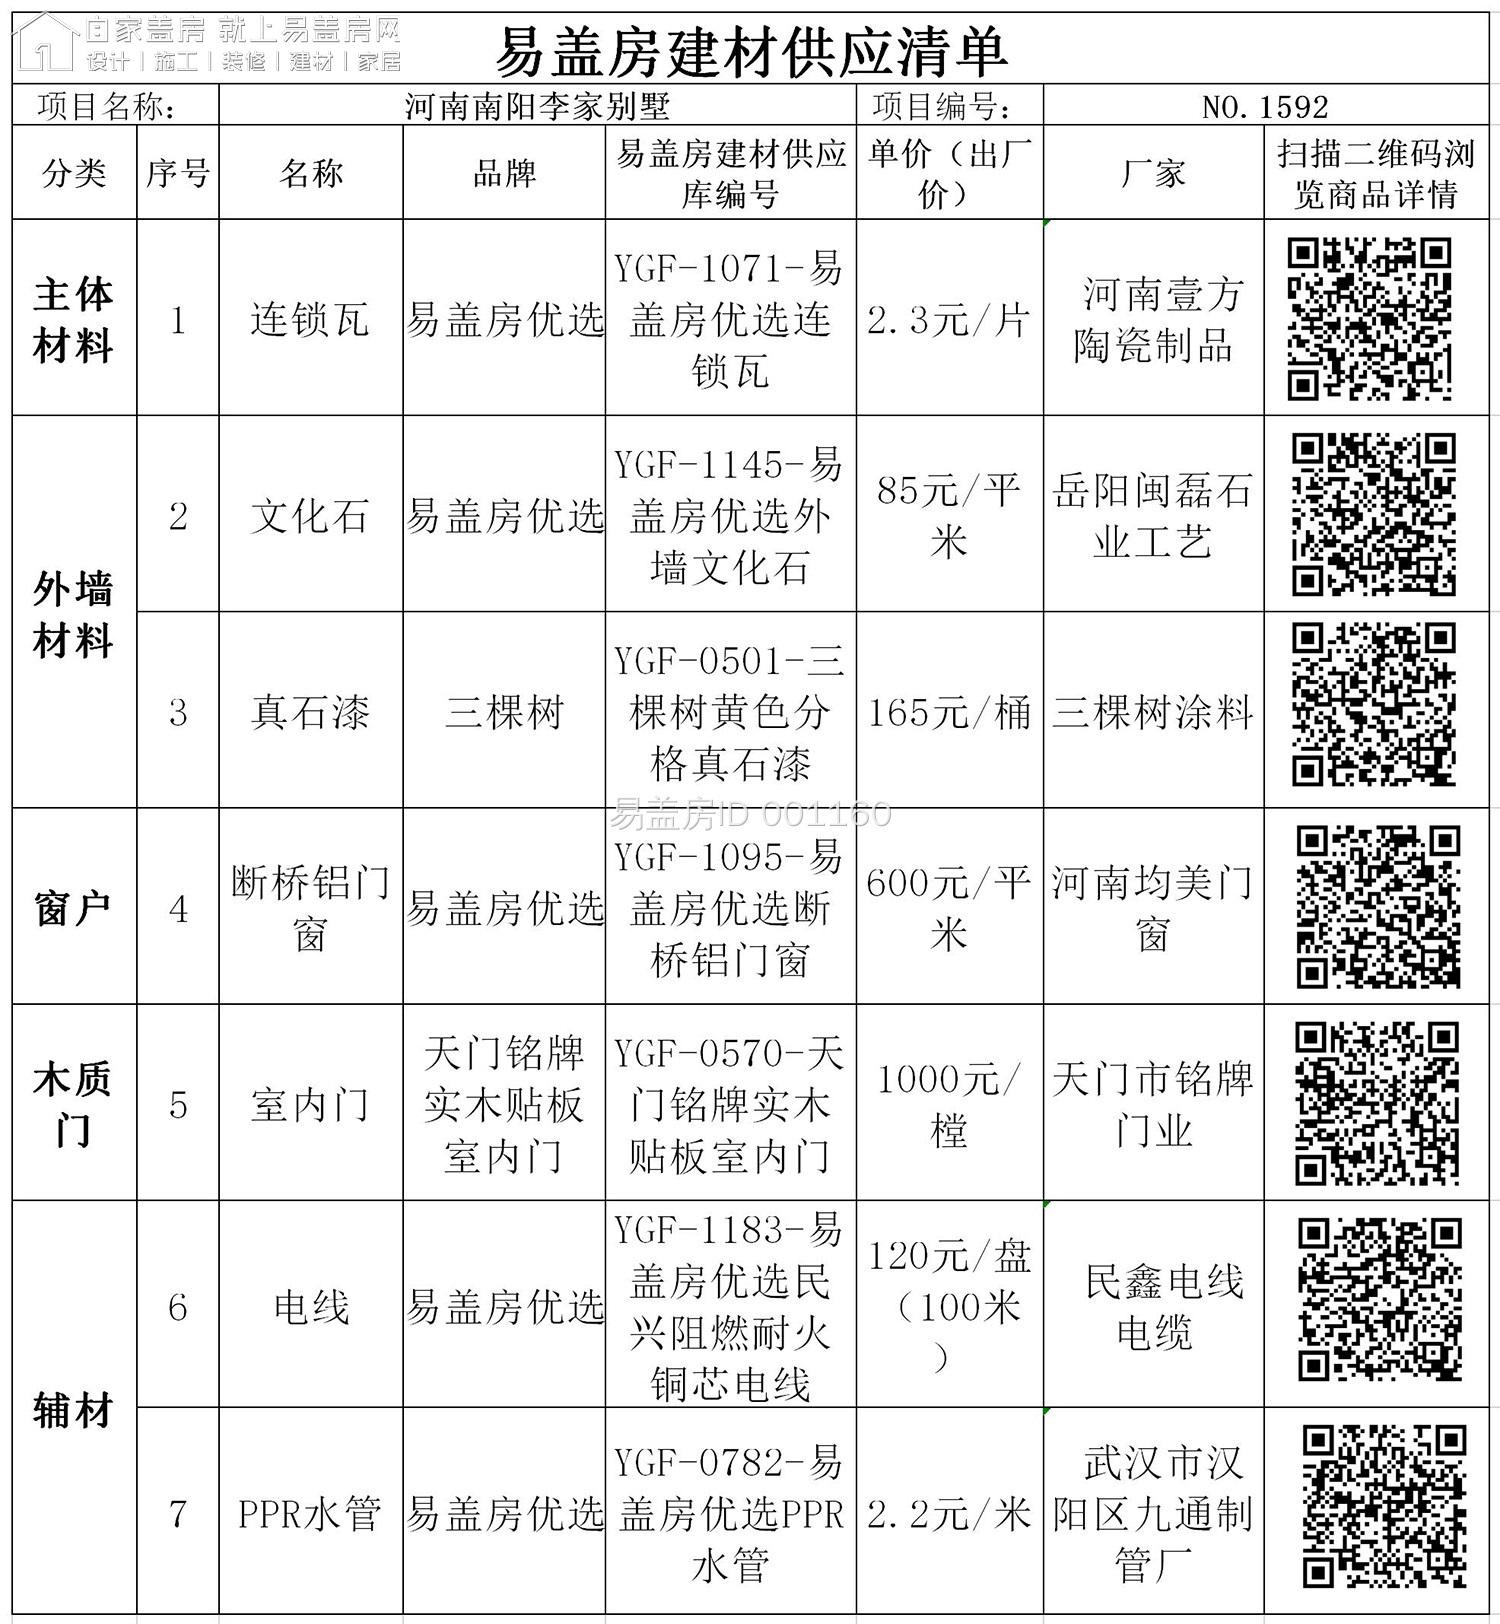 7易盖房建材供应清单.jpg